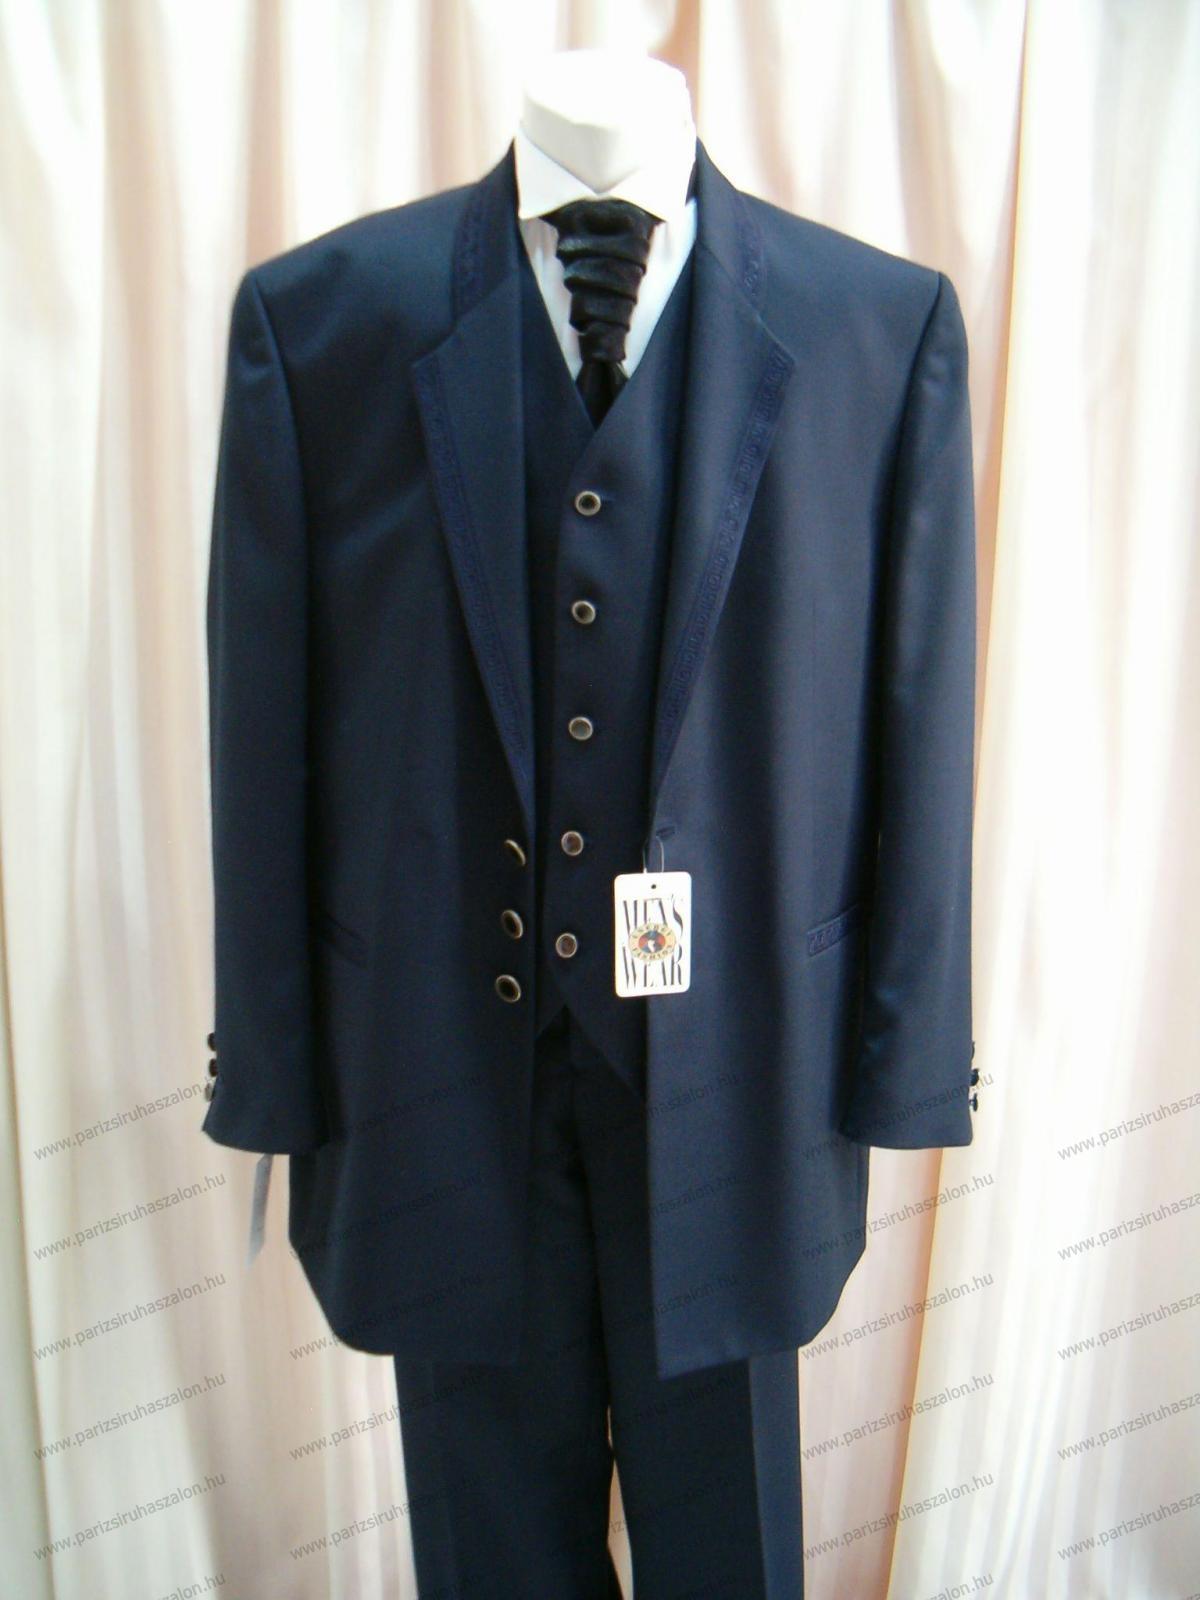 b814866a05 52-es méretű Akciós öltöny K30 | ÖLTÖNY 50% VÉGKIÁRUSÍTÁS. (cikkszám: k30)